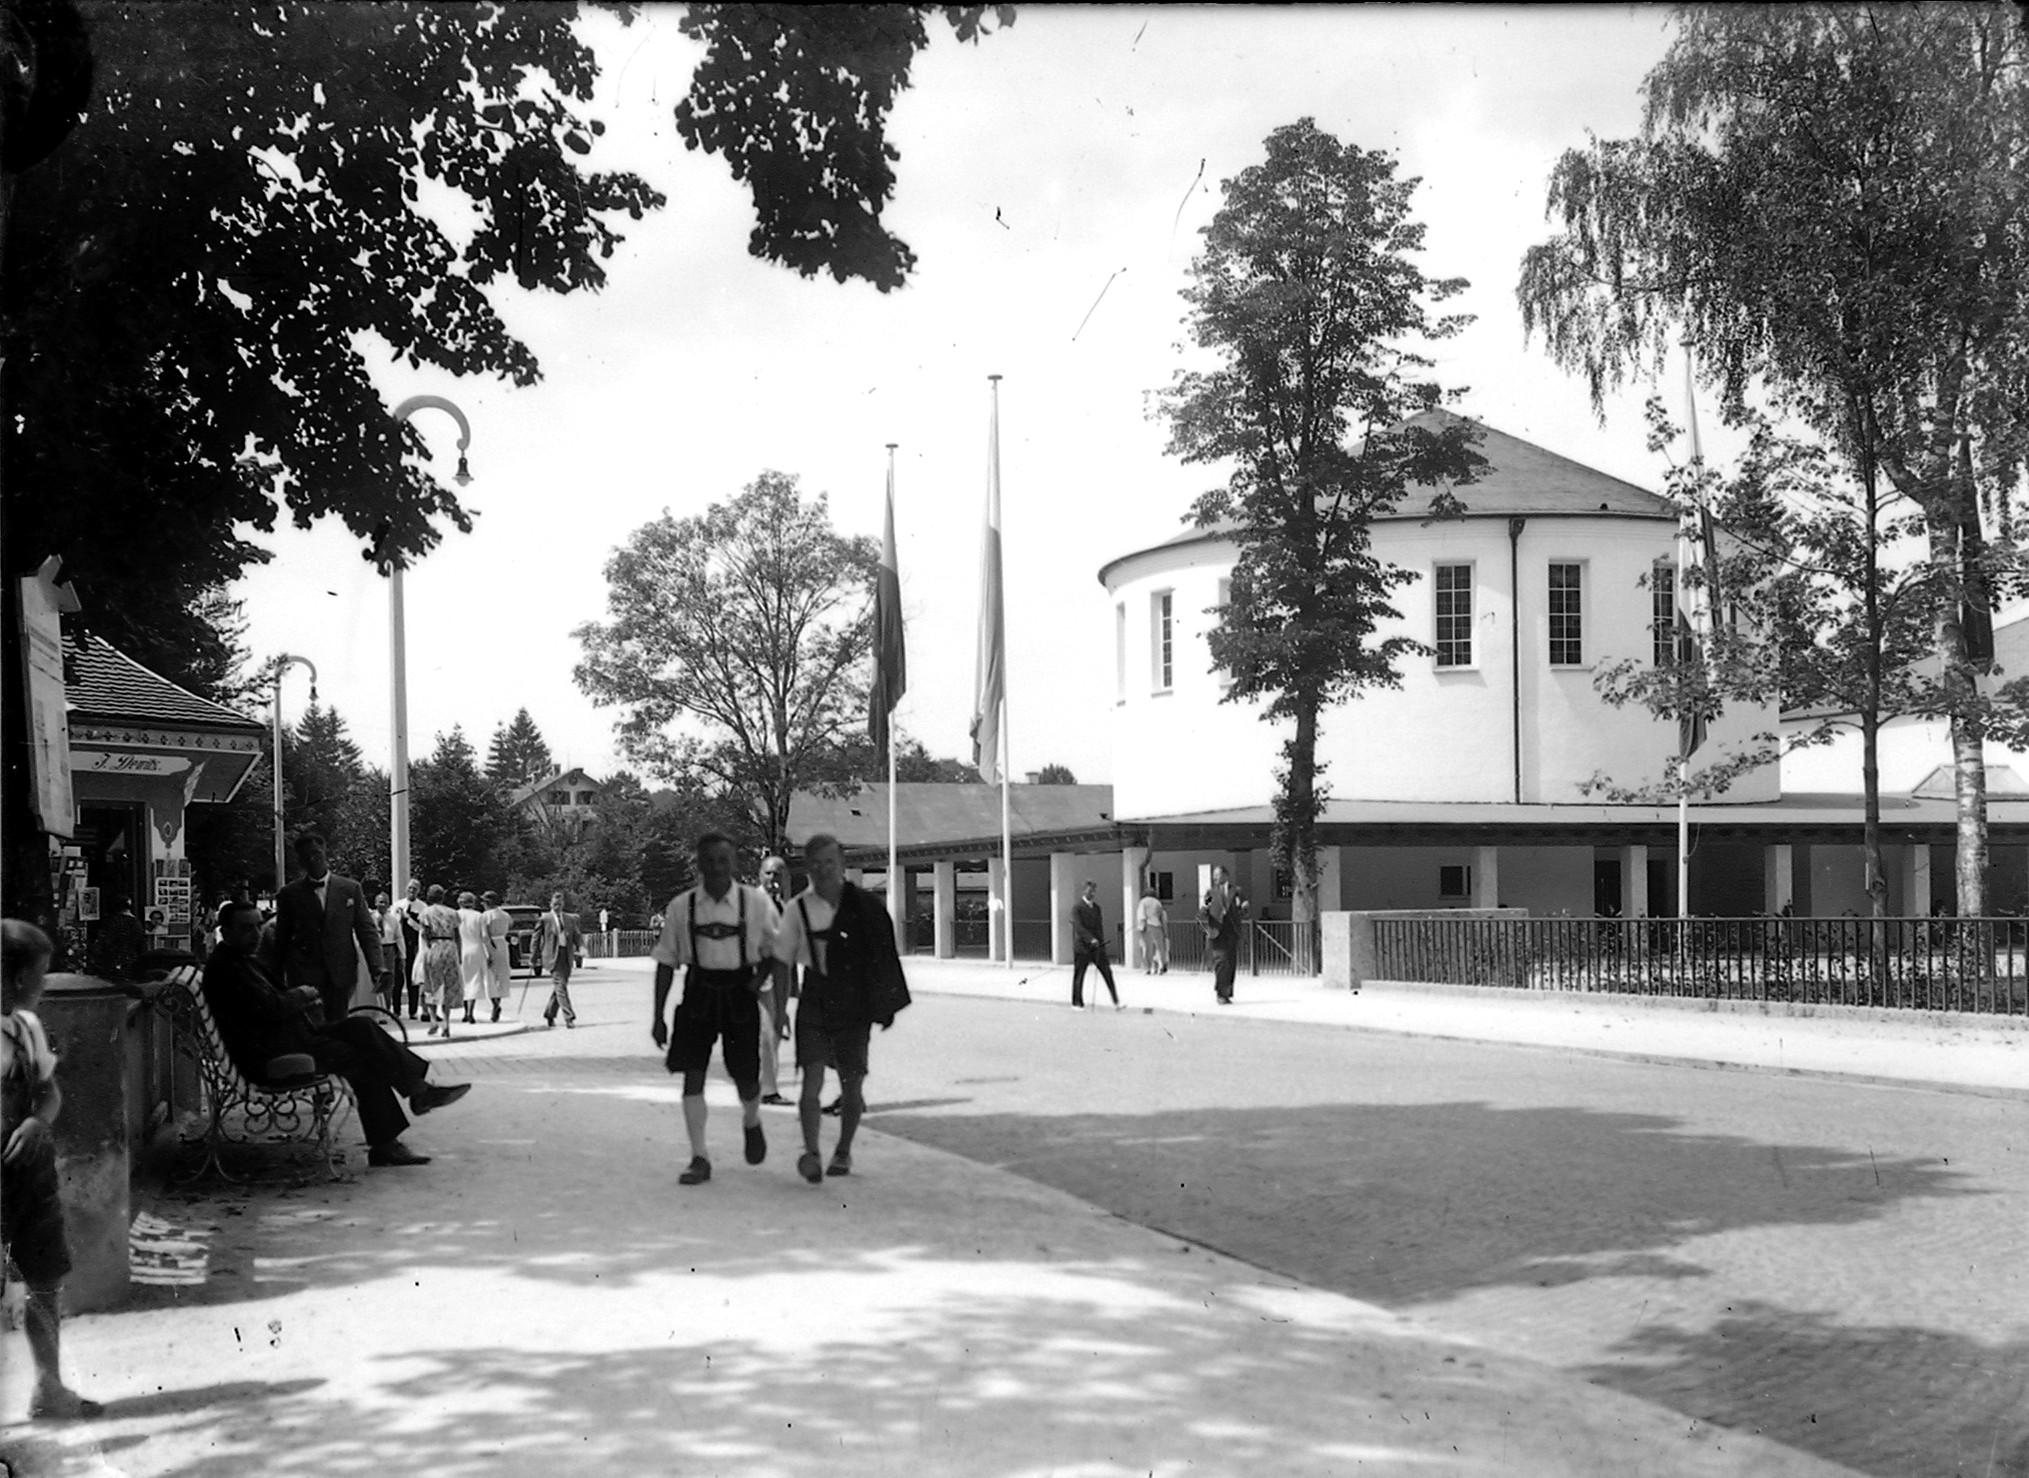 Die neue Wandelhalle wurde 1930 eingeweiht, damals größtes Gebäude ihrer Art in Europa (Marey, etwa 1930-1935)